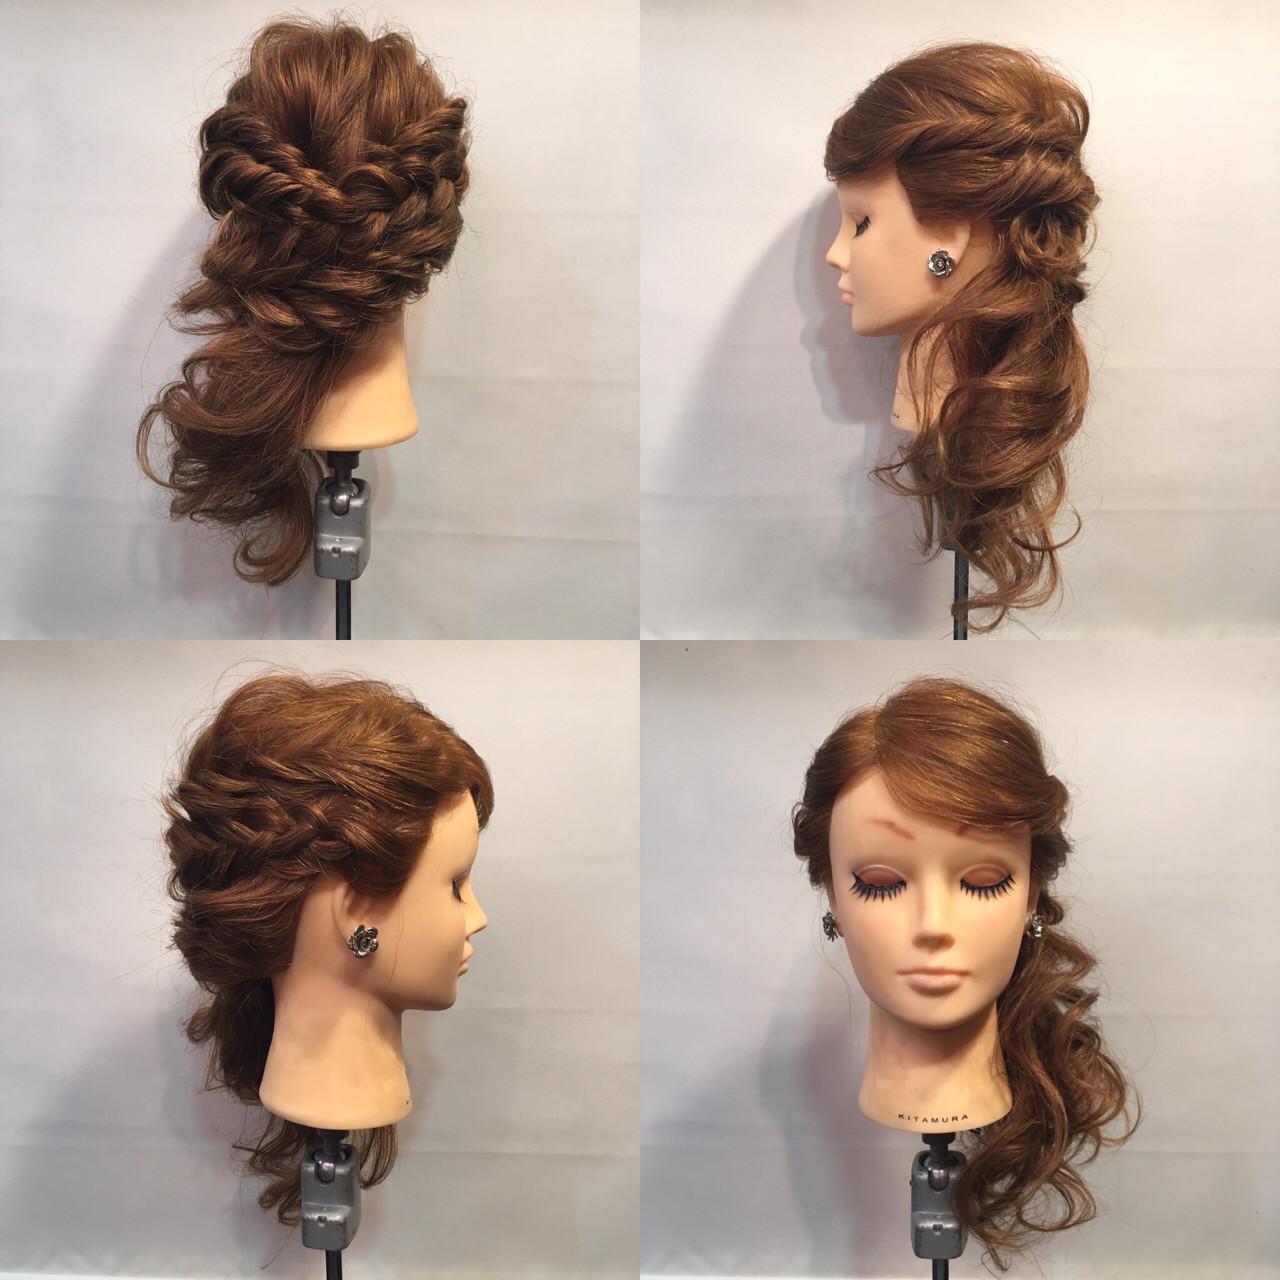 裏編み込み セミロング サイドアップ ヘアアレンジ ヘアスタイルや髪型の写真・画像